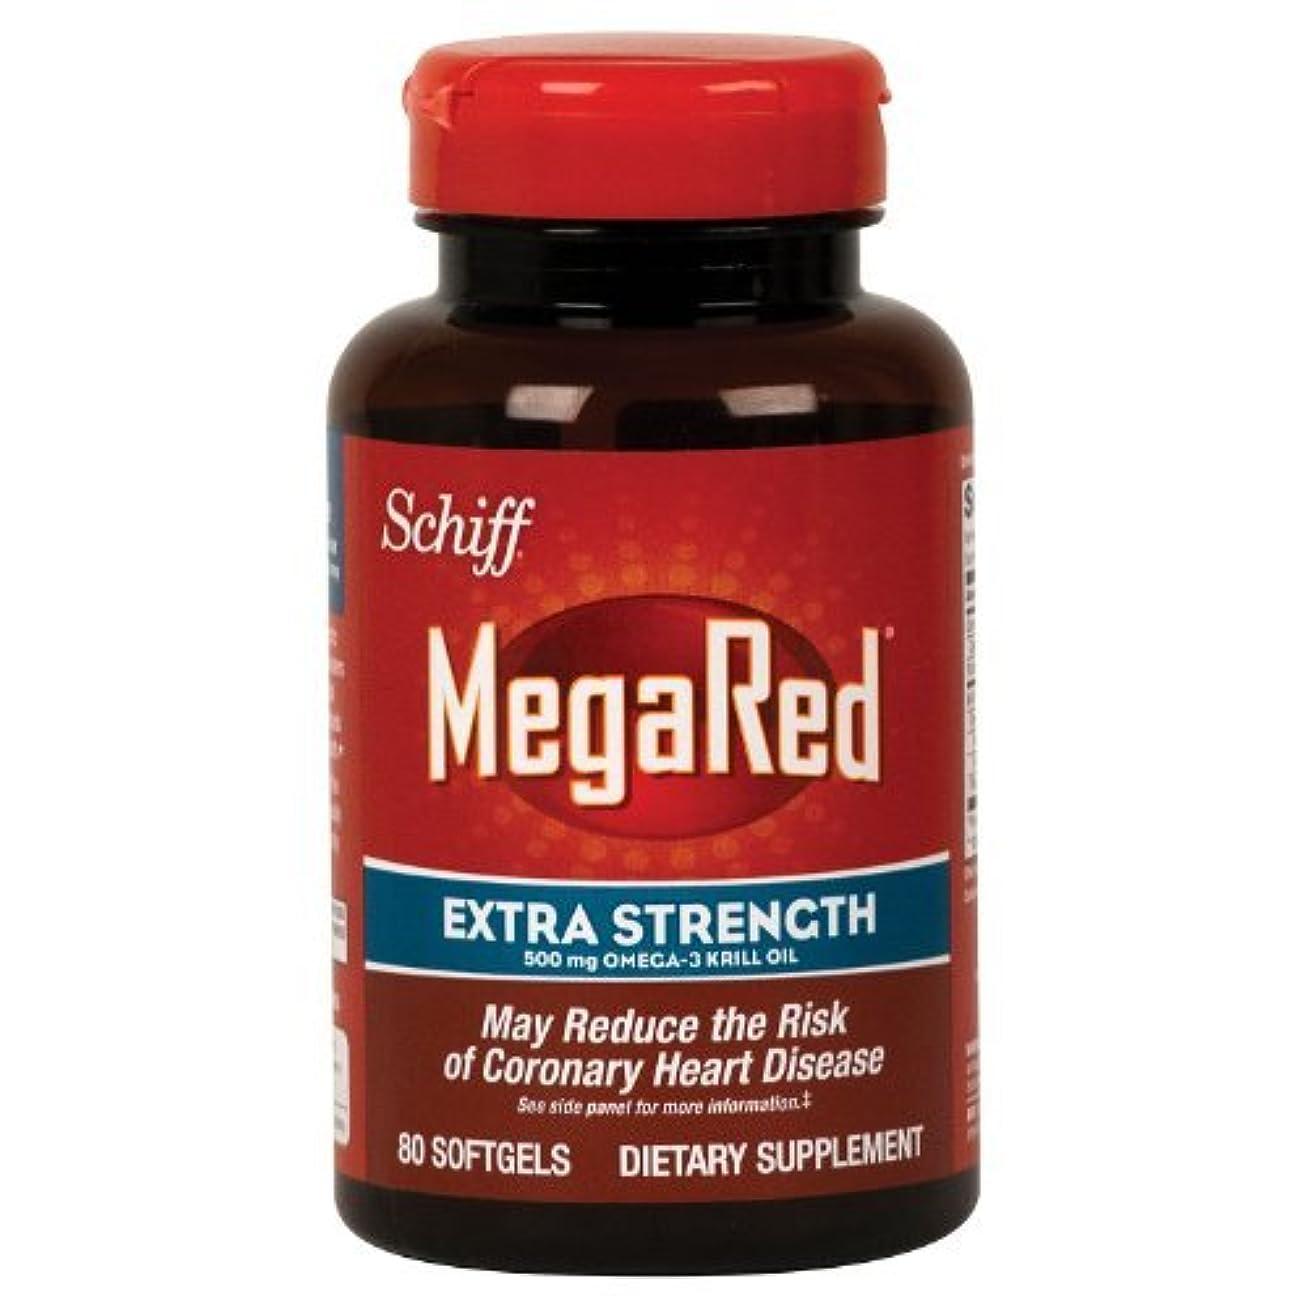 デュアルみなさん歴史Schiff Megared Extra Strength 500mg Omega-3 Krill Oil - 80 Softgels by Simply Right [並行輸入品]